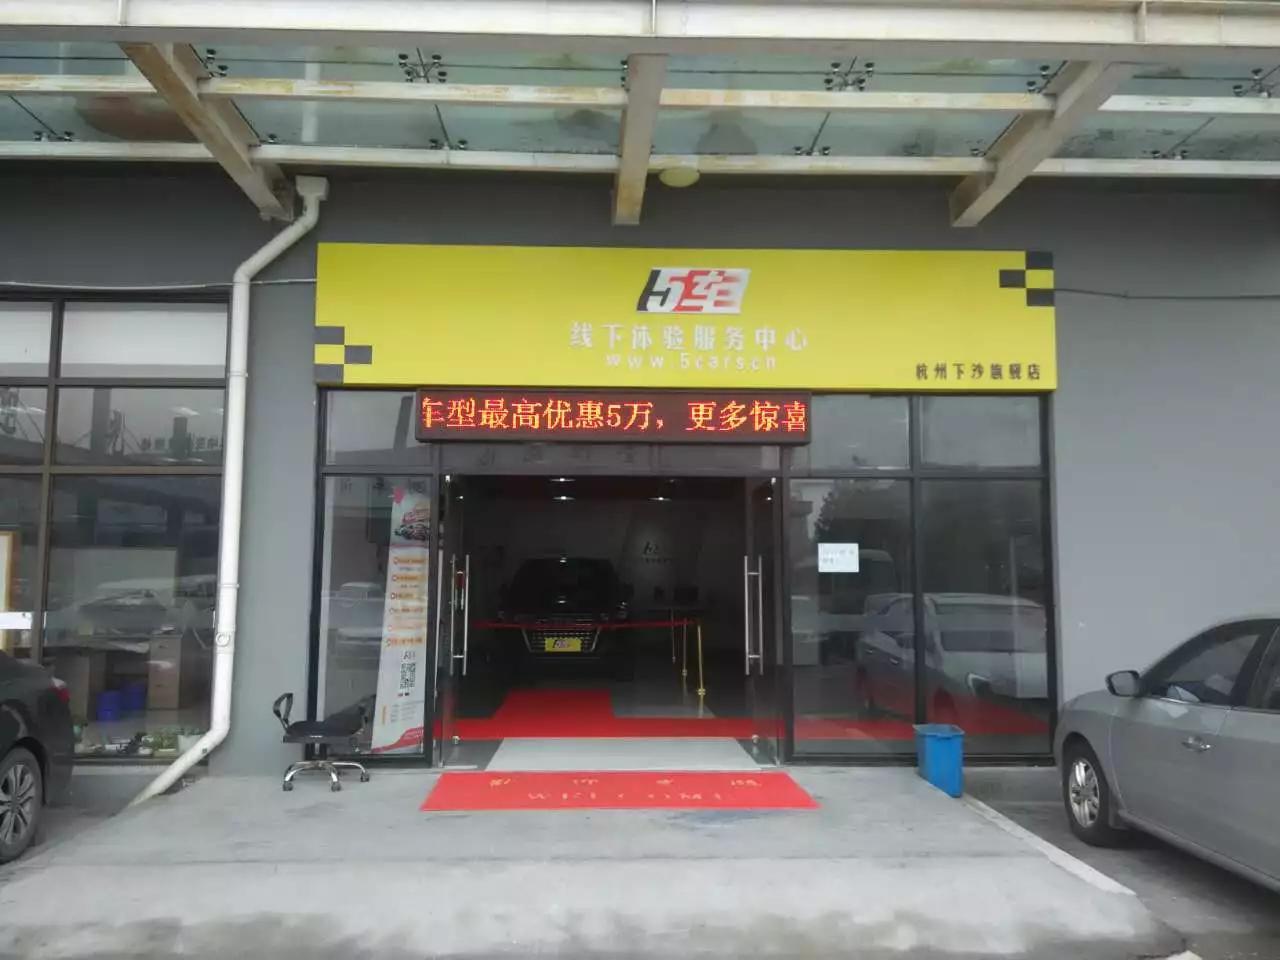 中国汽车后市场的商机已经超过万亿, 五车网带你破局!